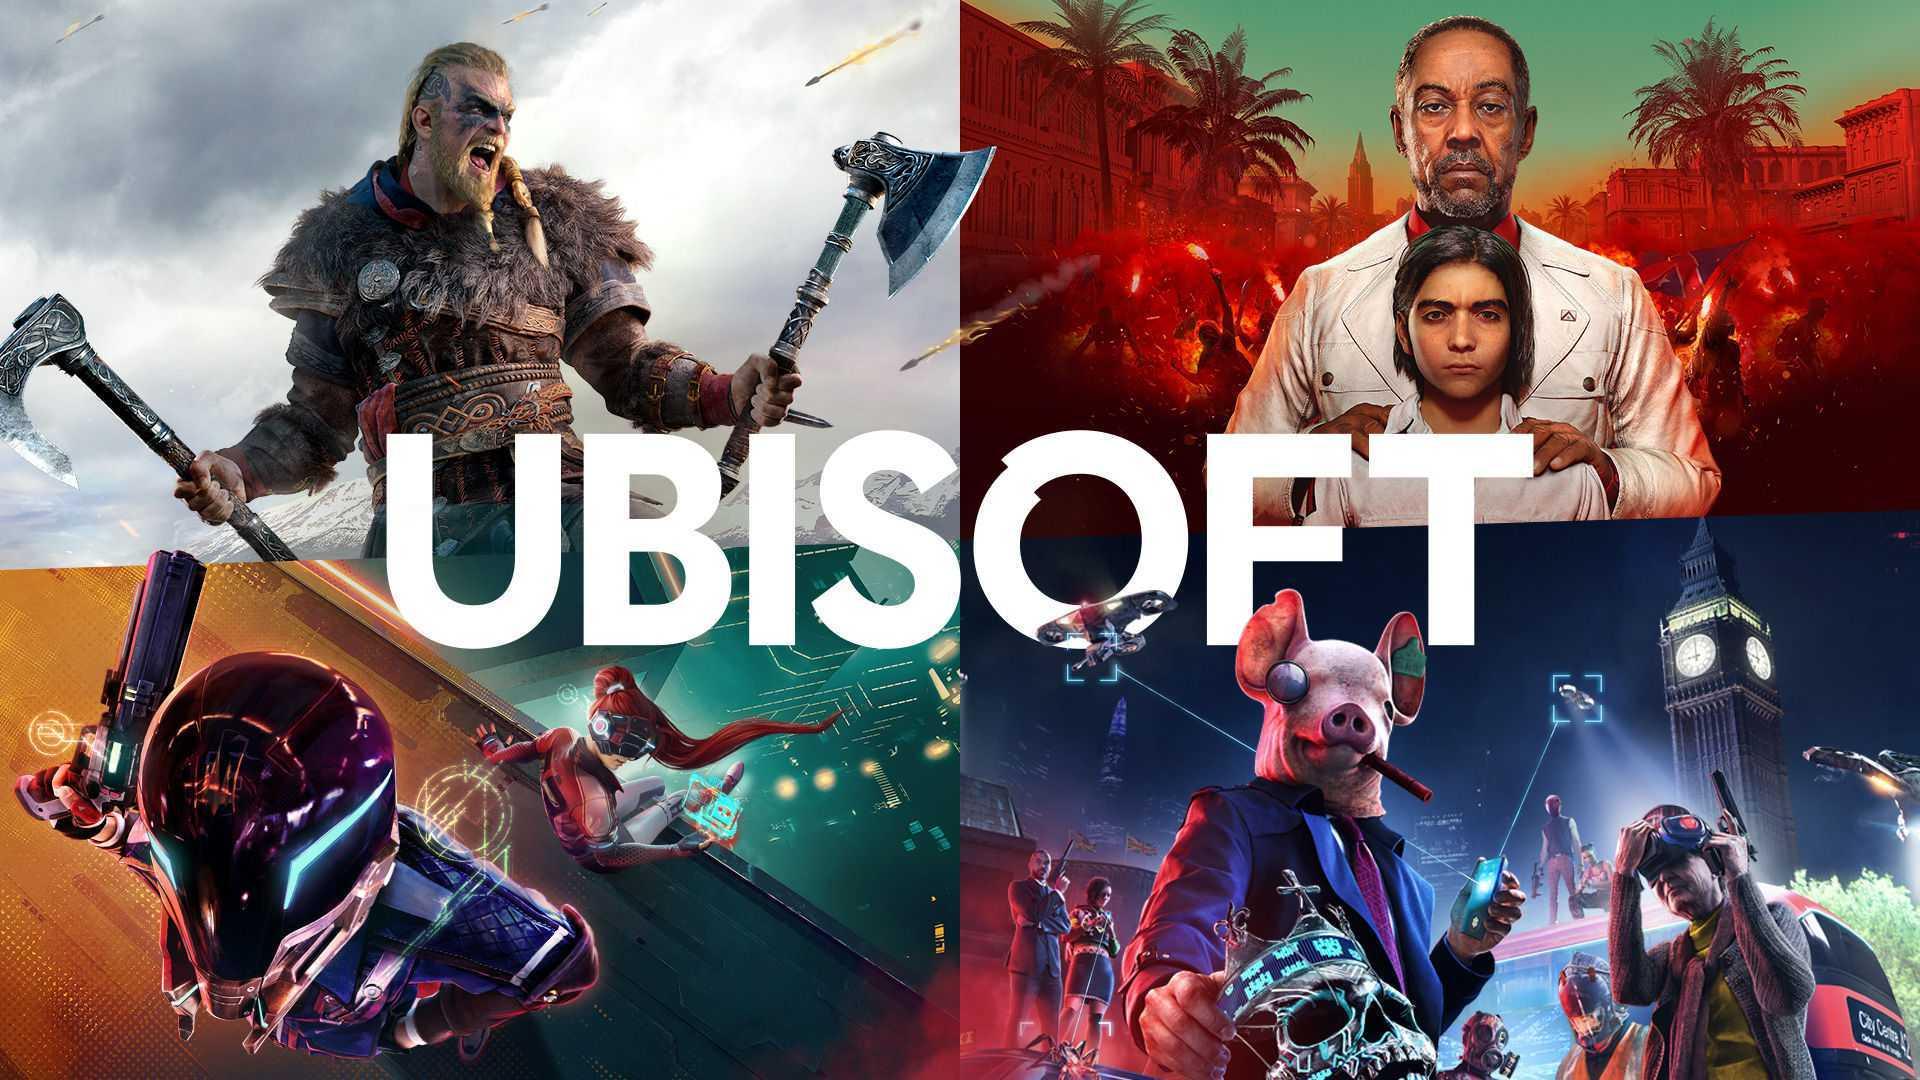 Rumeur: les jeux Ubisoft arriveront au Game Pass en 2021